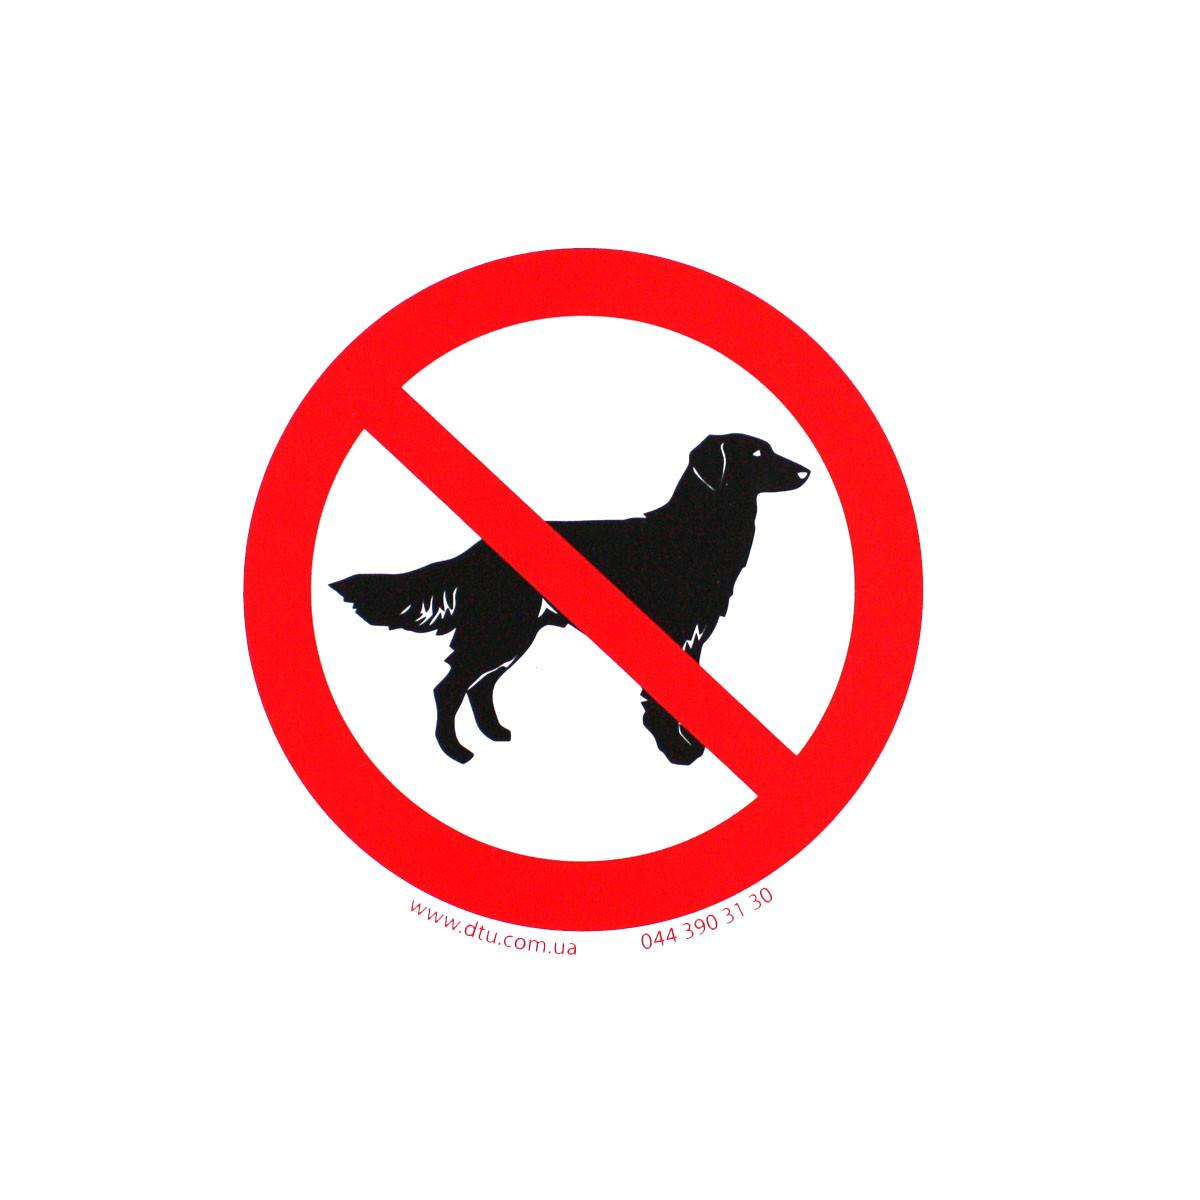 Наклейка Вигул собак заборонено